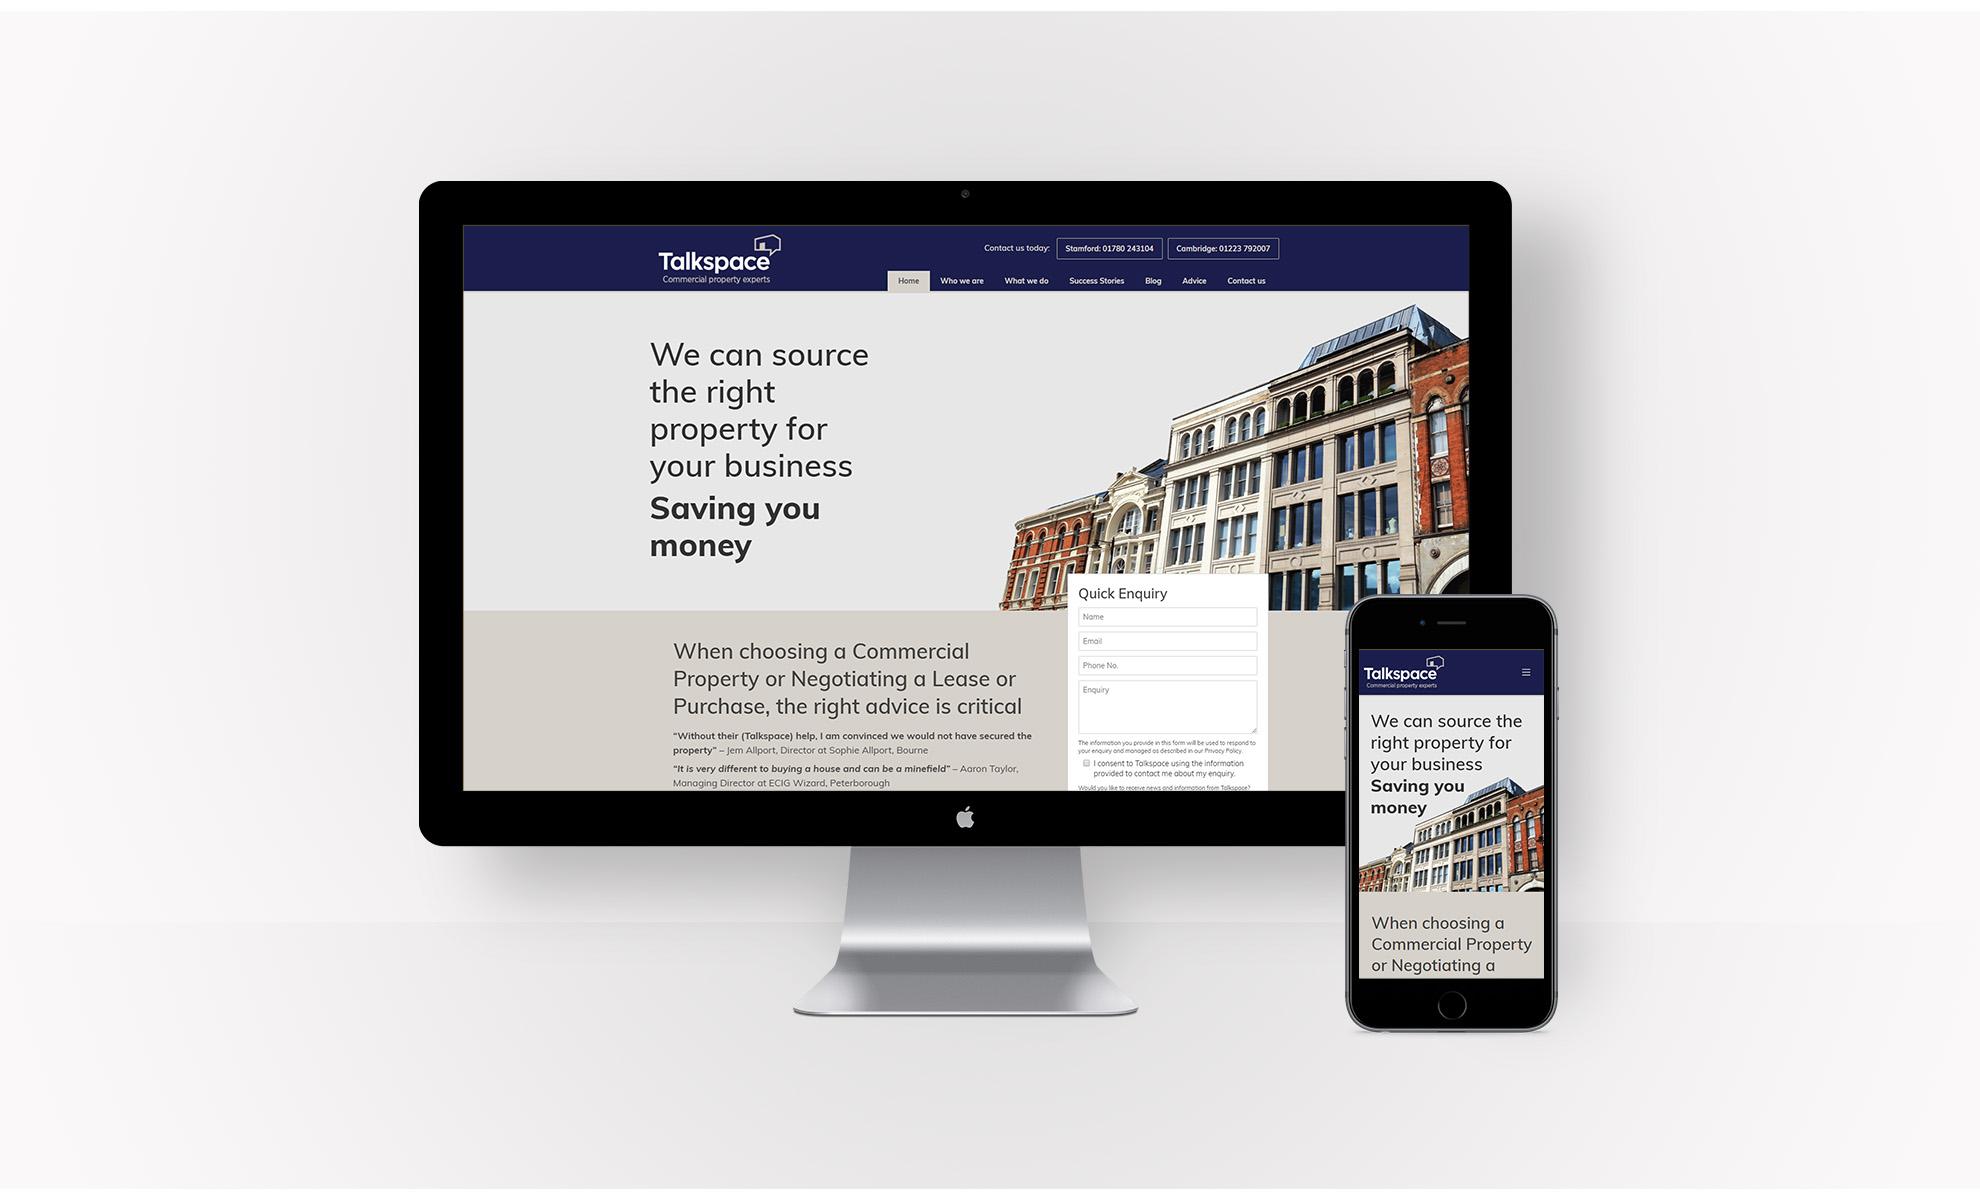 talkspace-website-overview